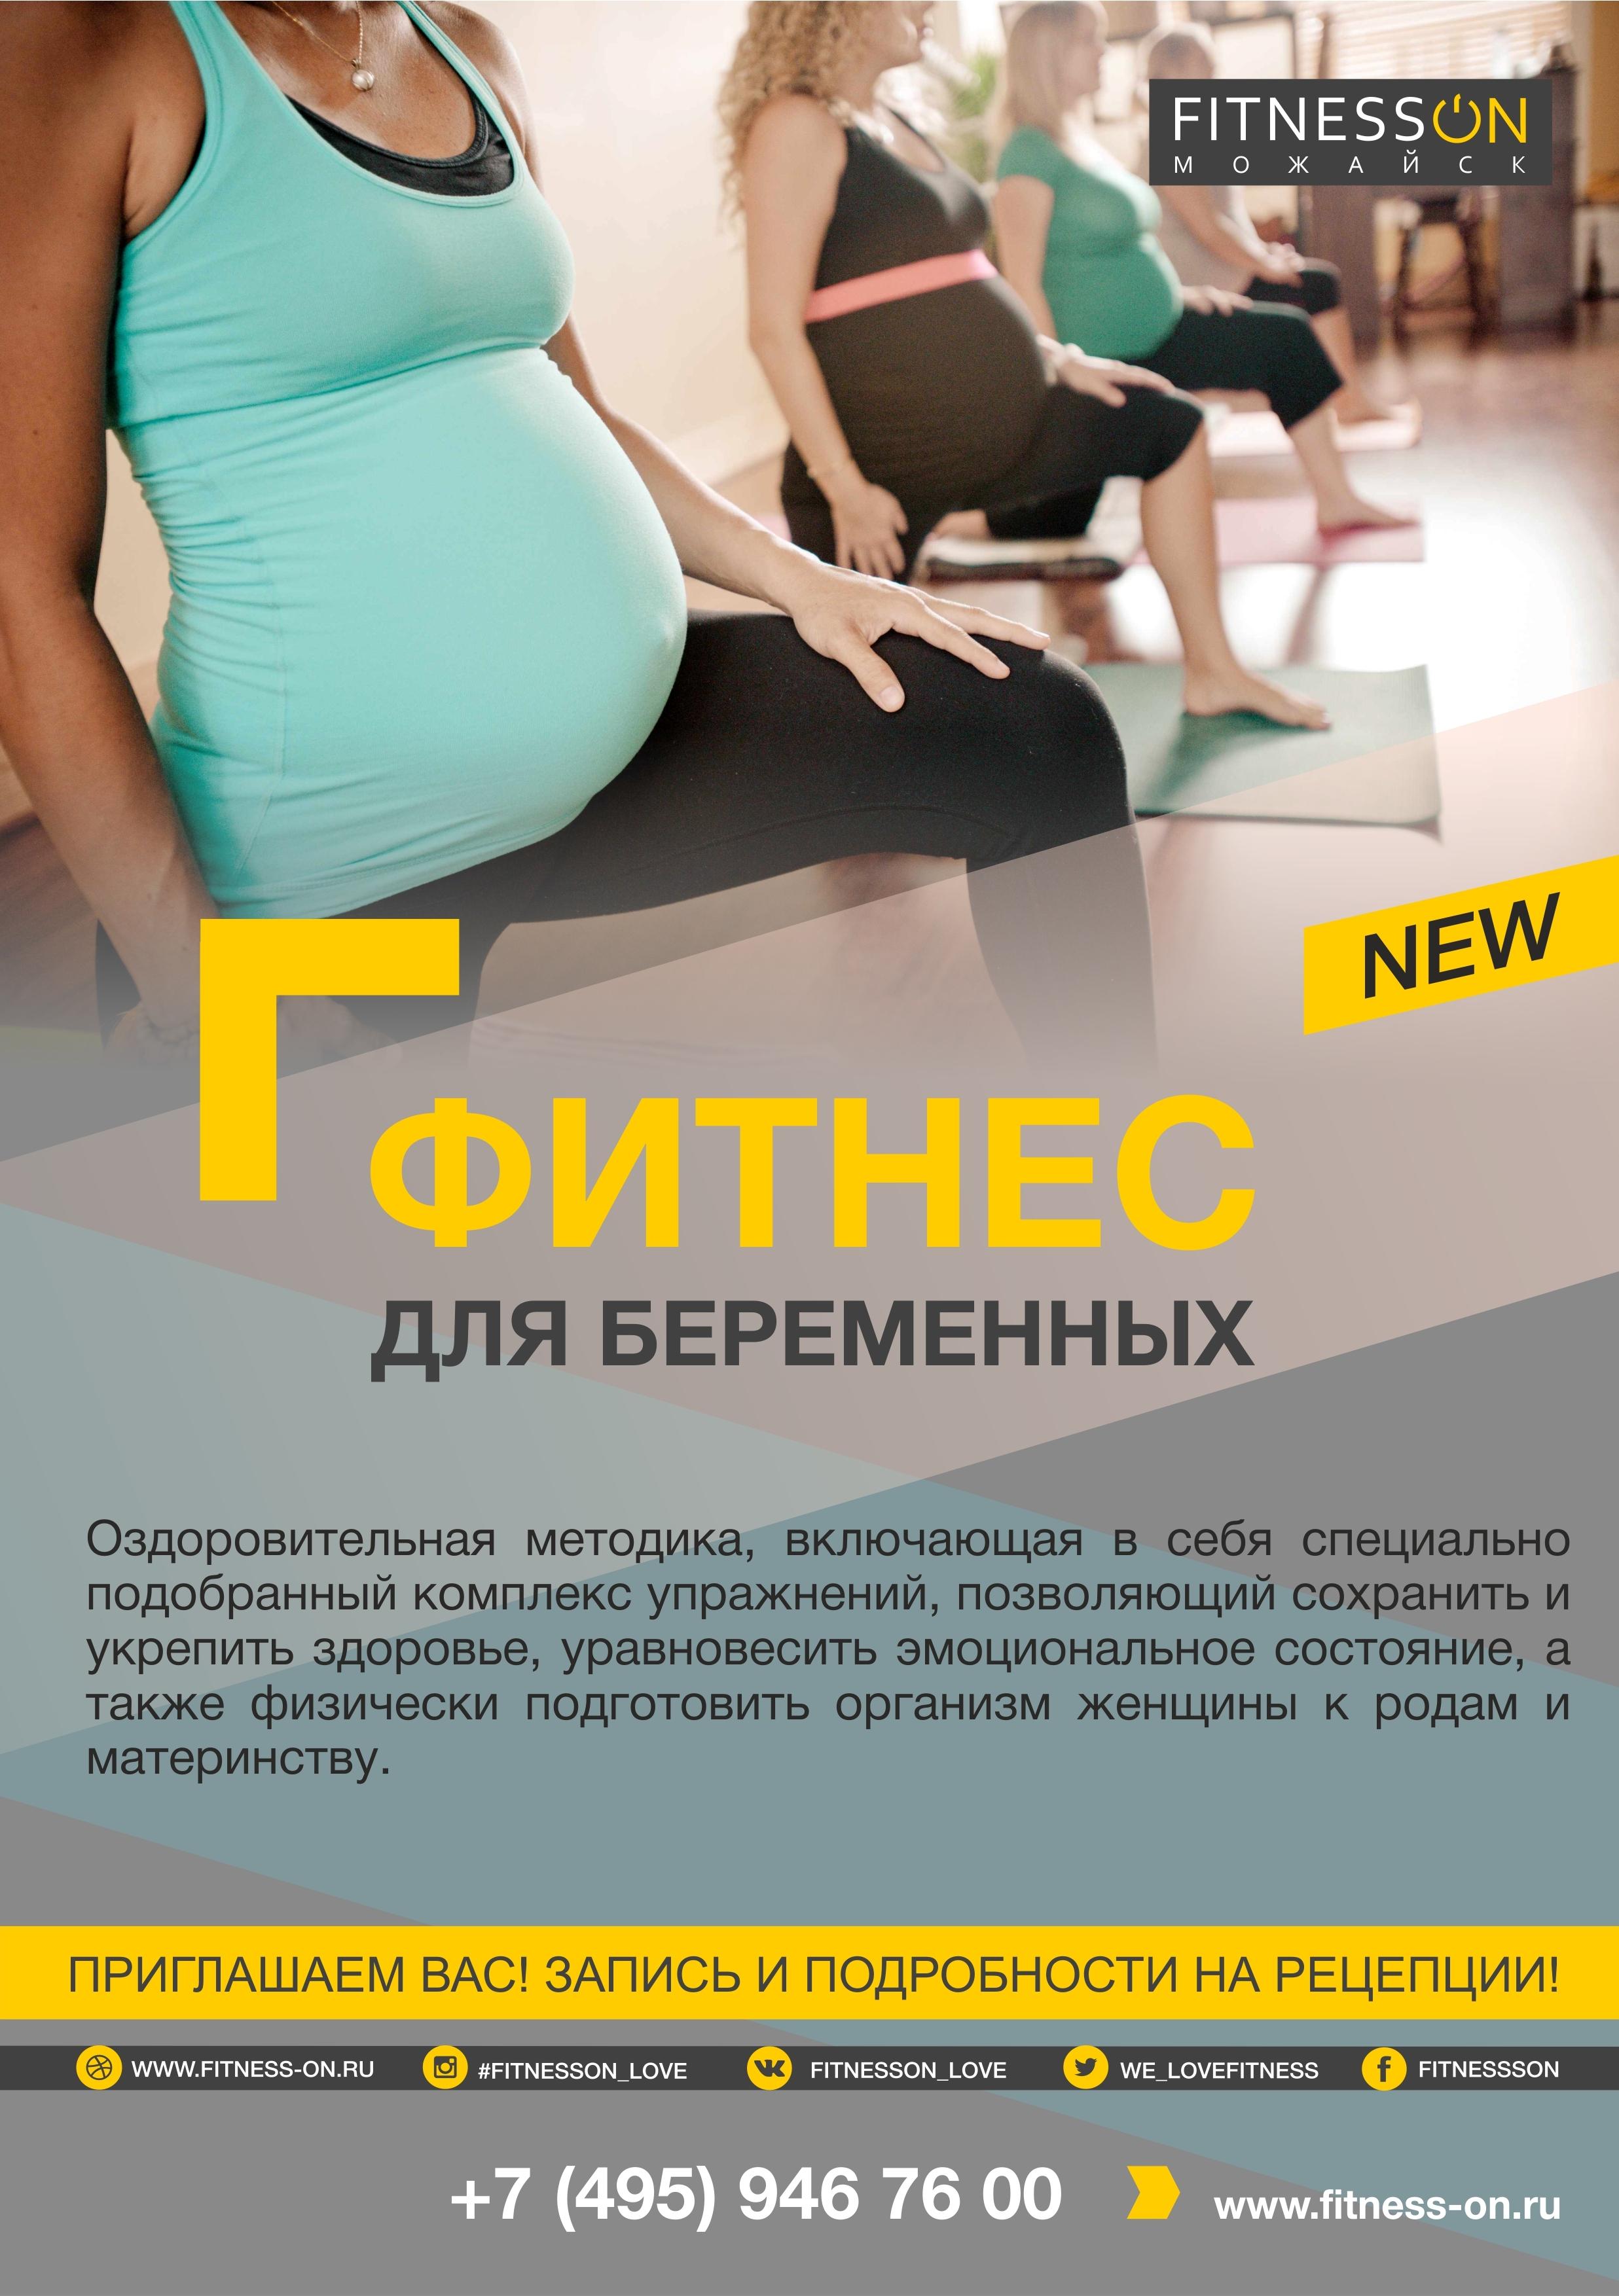 Фитнес клубы для беременных в москве засветы в стриптиз клубах